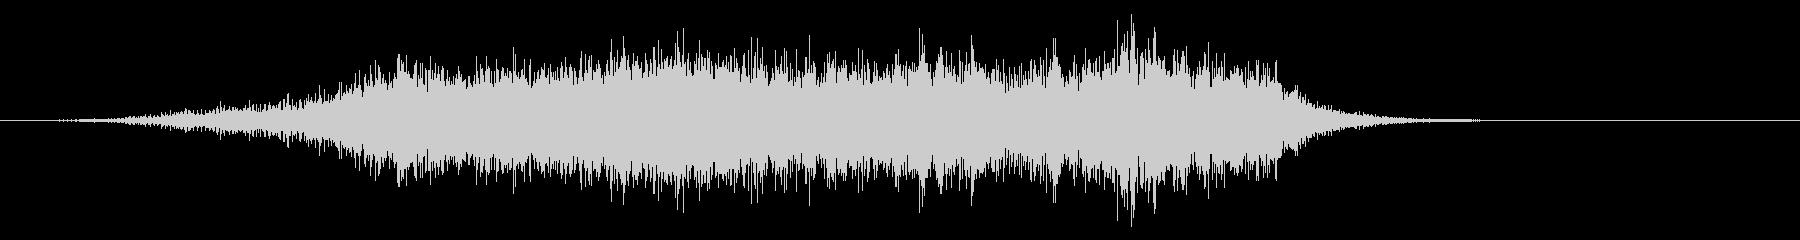 音楽:不気味なチューブベルパターン...の未再生の波形